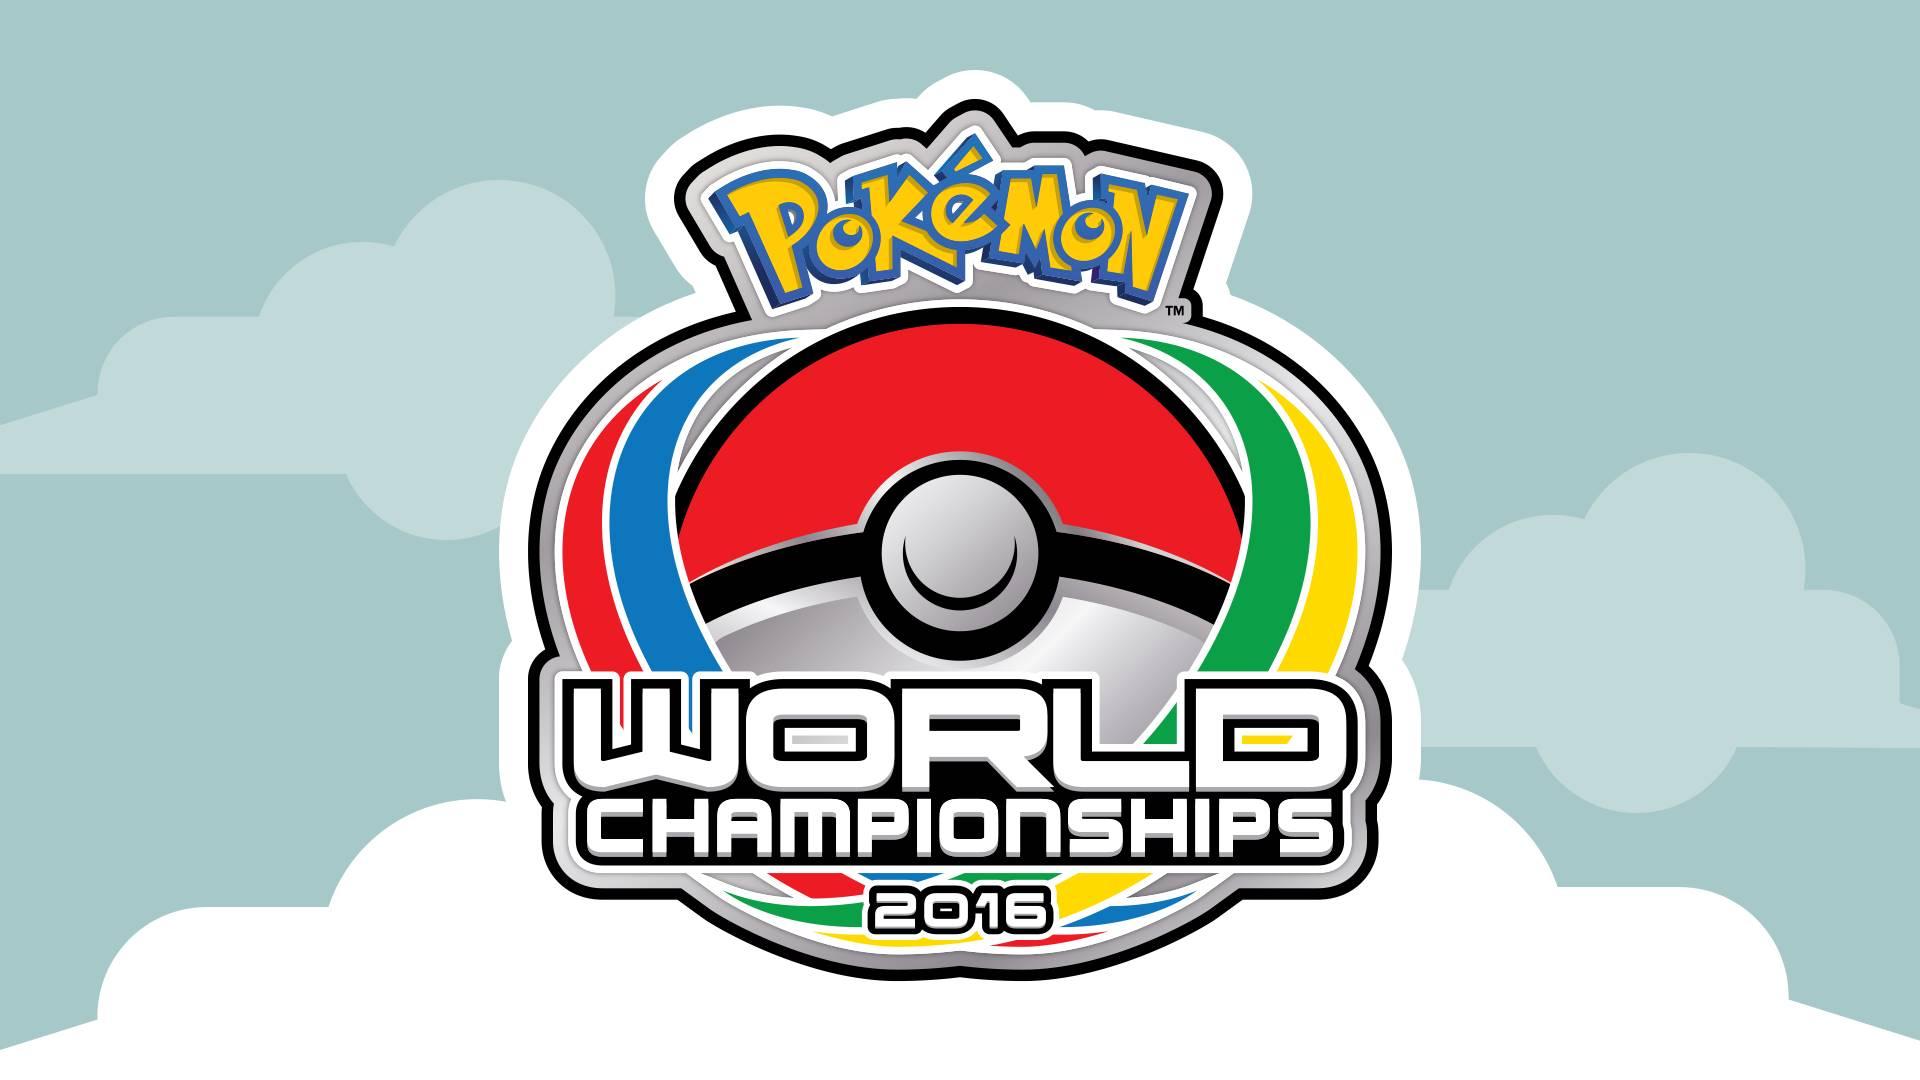 포켓몬 월드챔피언십2016 리포트